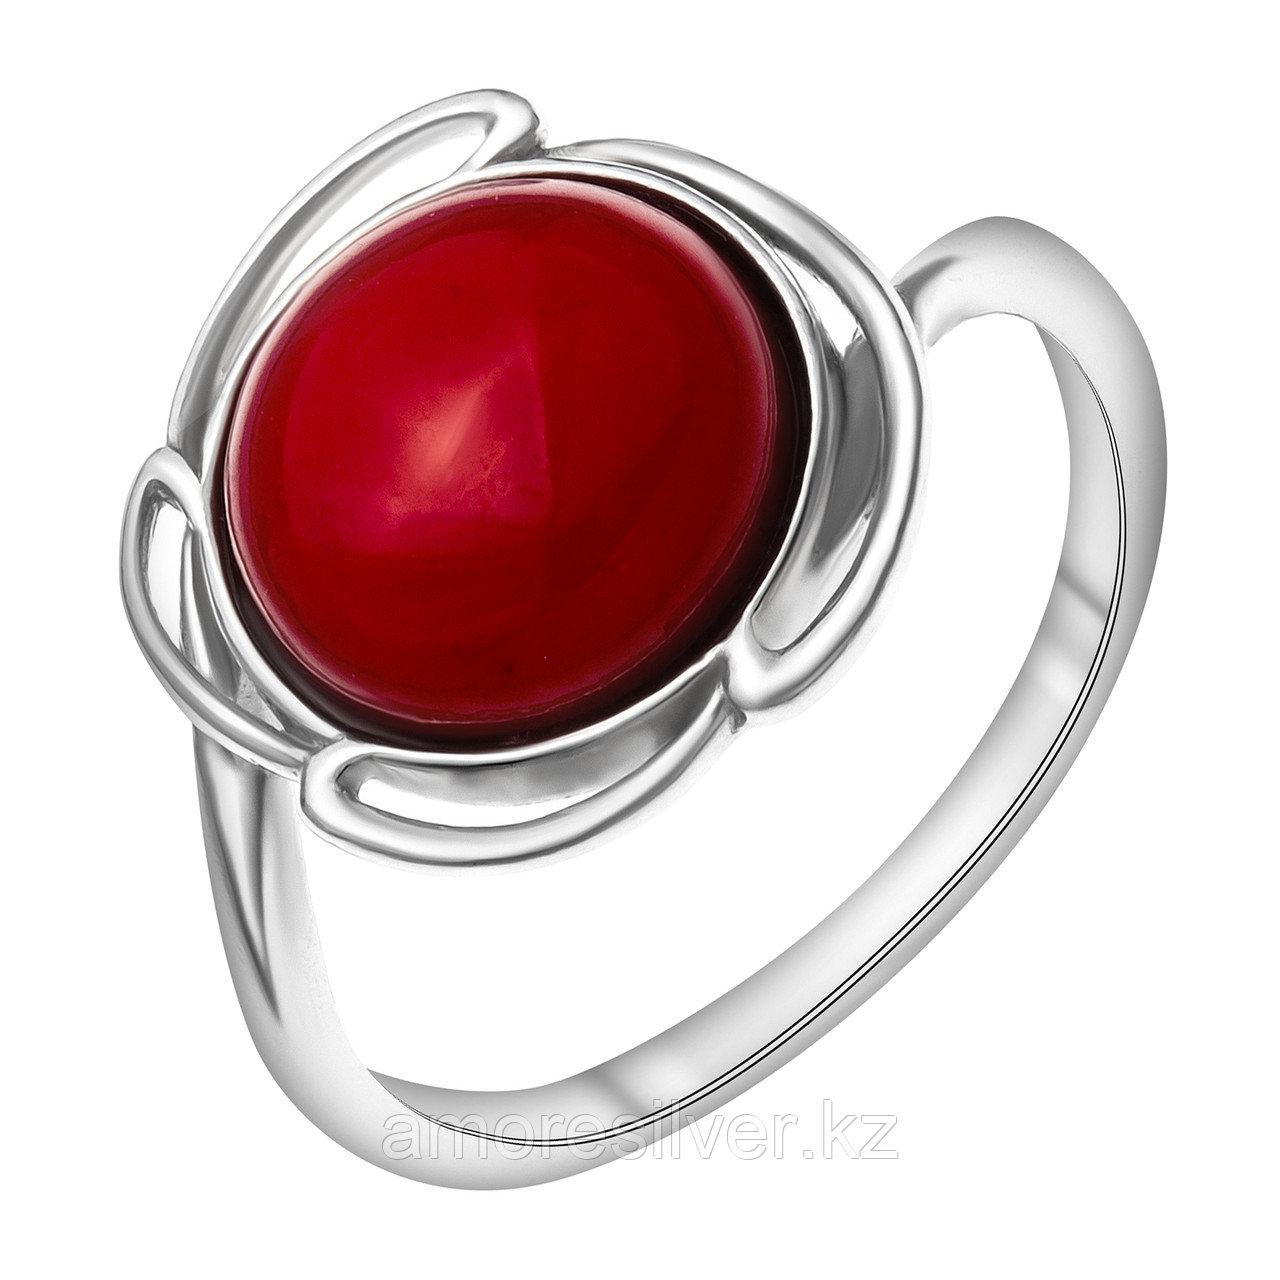 Серебряное кольцо с кораллом  Приволжский Ювелир 251268-CRL